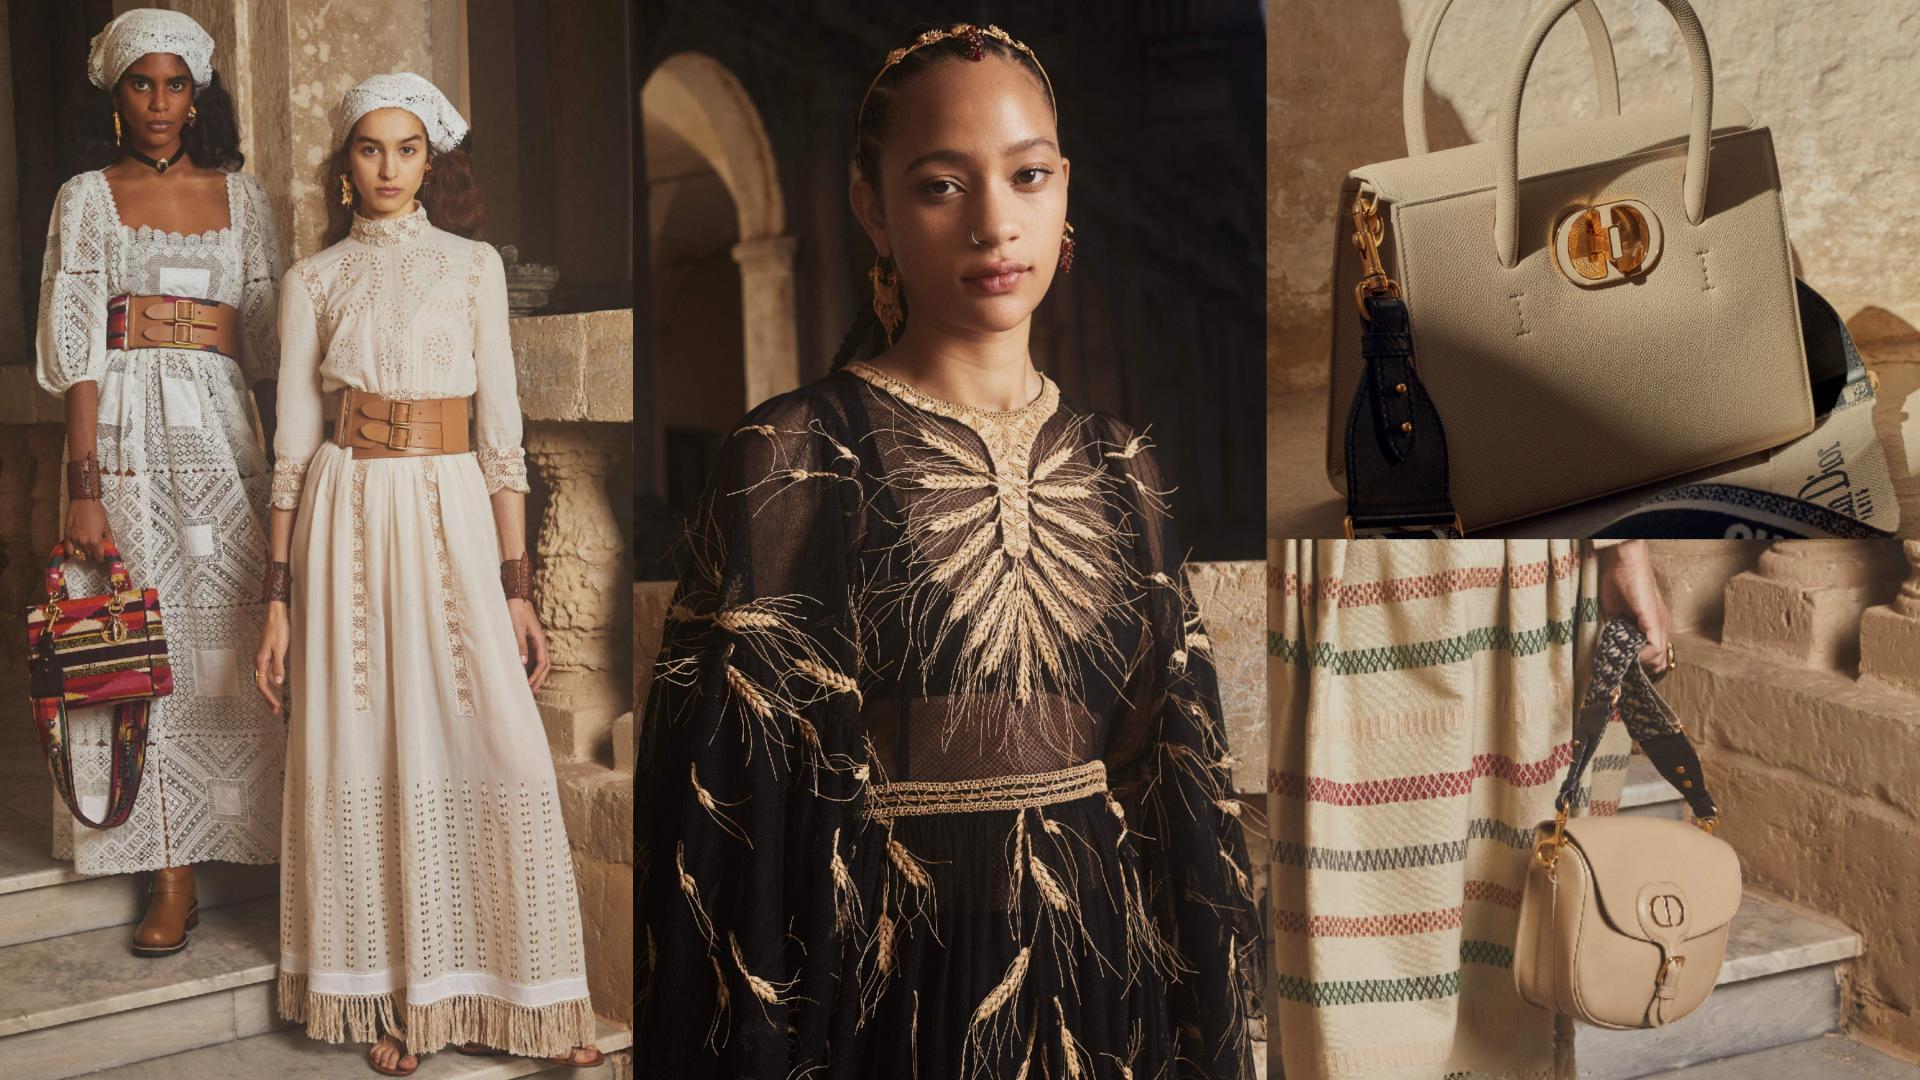 迪奥2021早春度假时装系列,全新包款St Honoré亮相